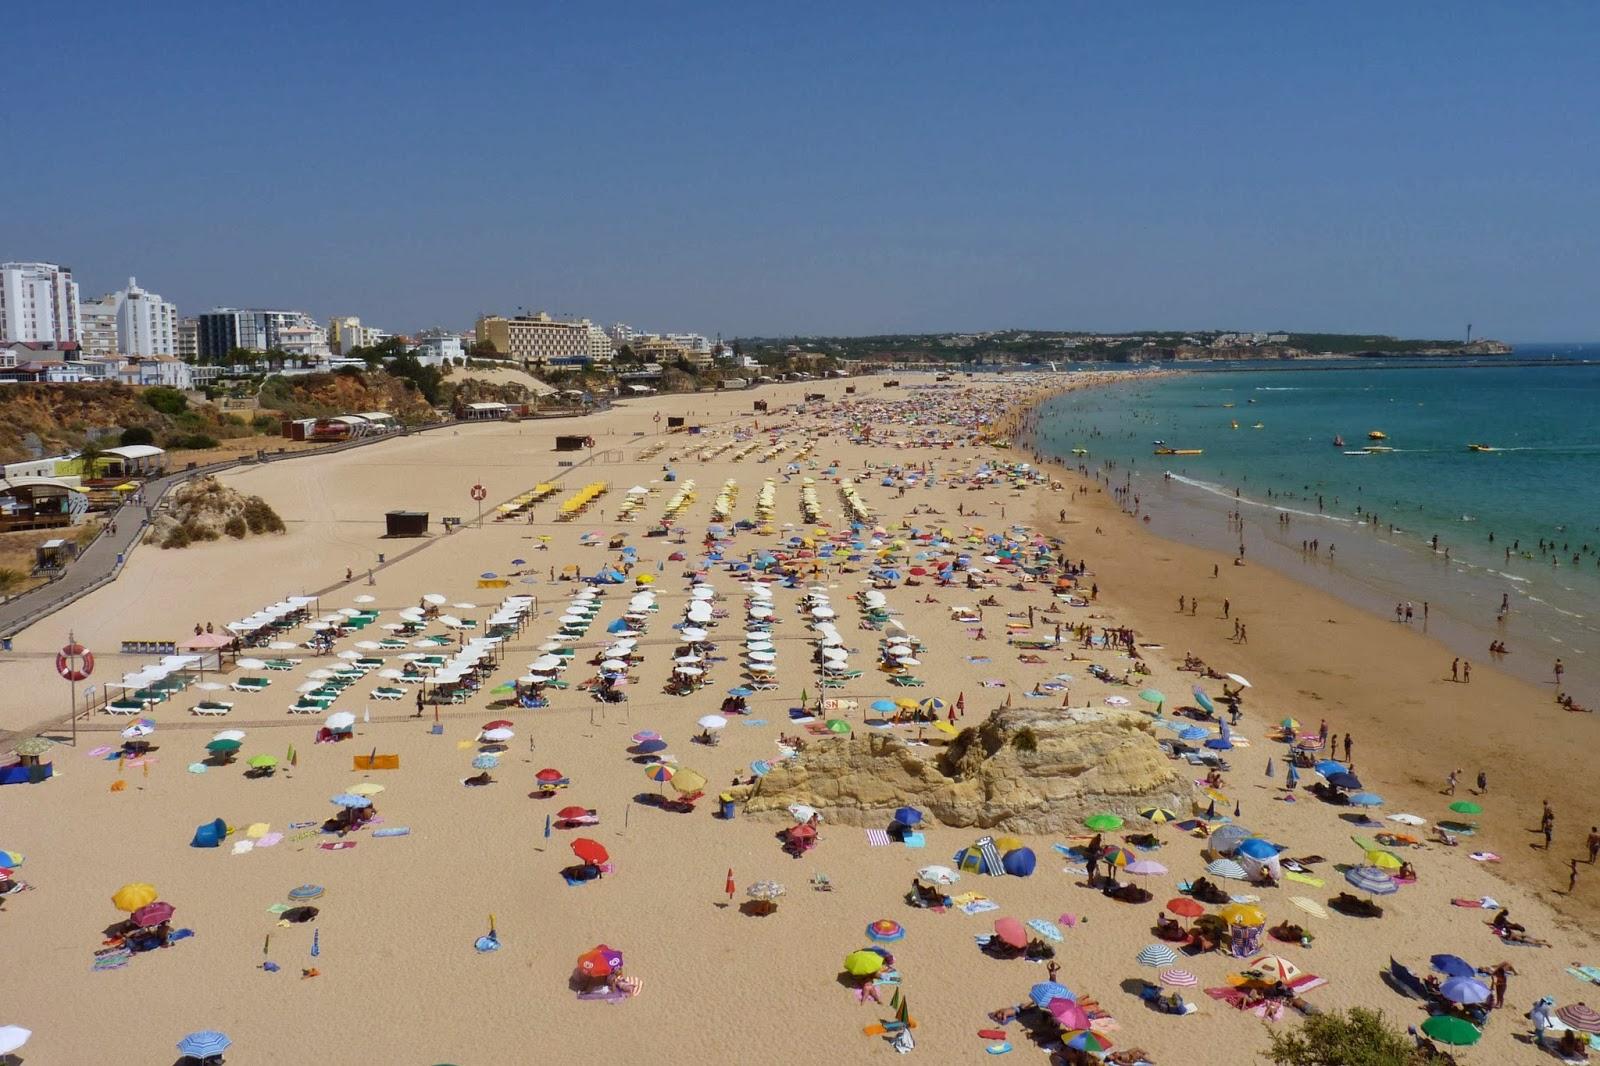 Praia da Rocha desde el mirador.